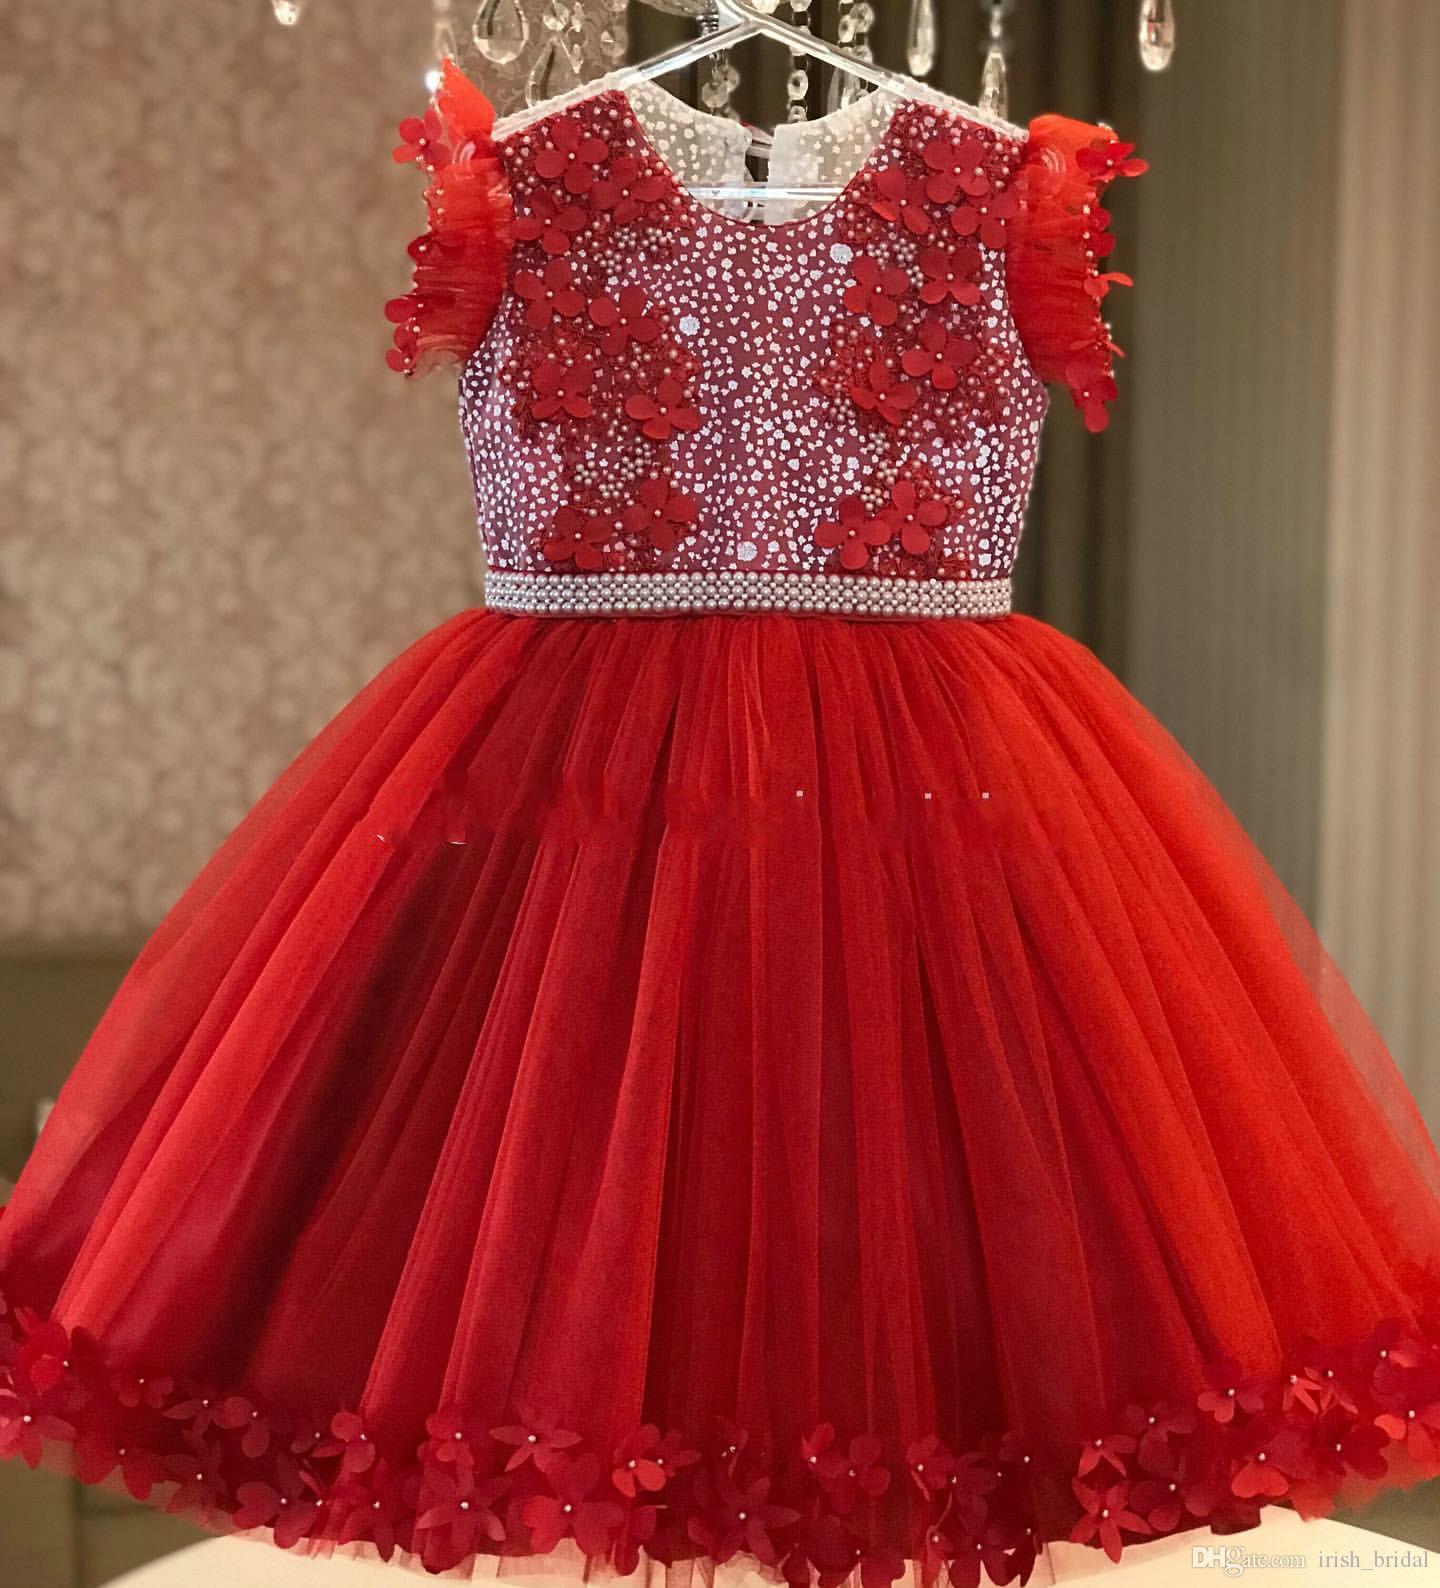 Vestidos de perlas de encaje rojo 2019 Vestidos de niña de las flores africanas Flores hechas a mano Vestidos de novia de niña Vestidos de comunión de desfile baratos FL44